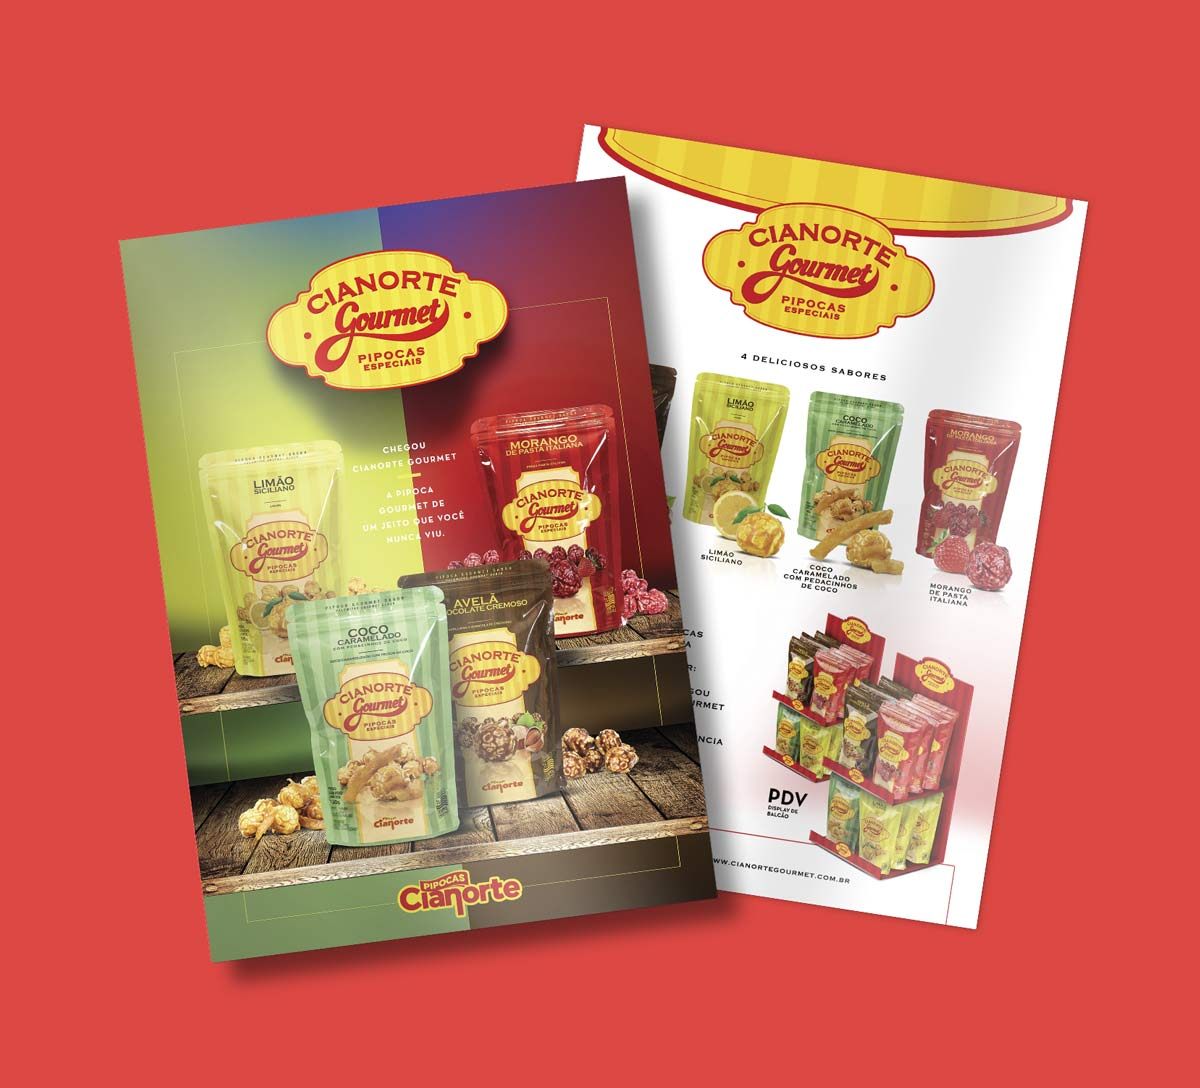 Cianorte Gourmet Pipocas Especiais